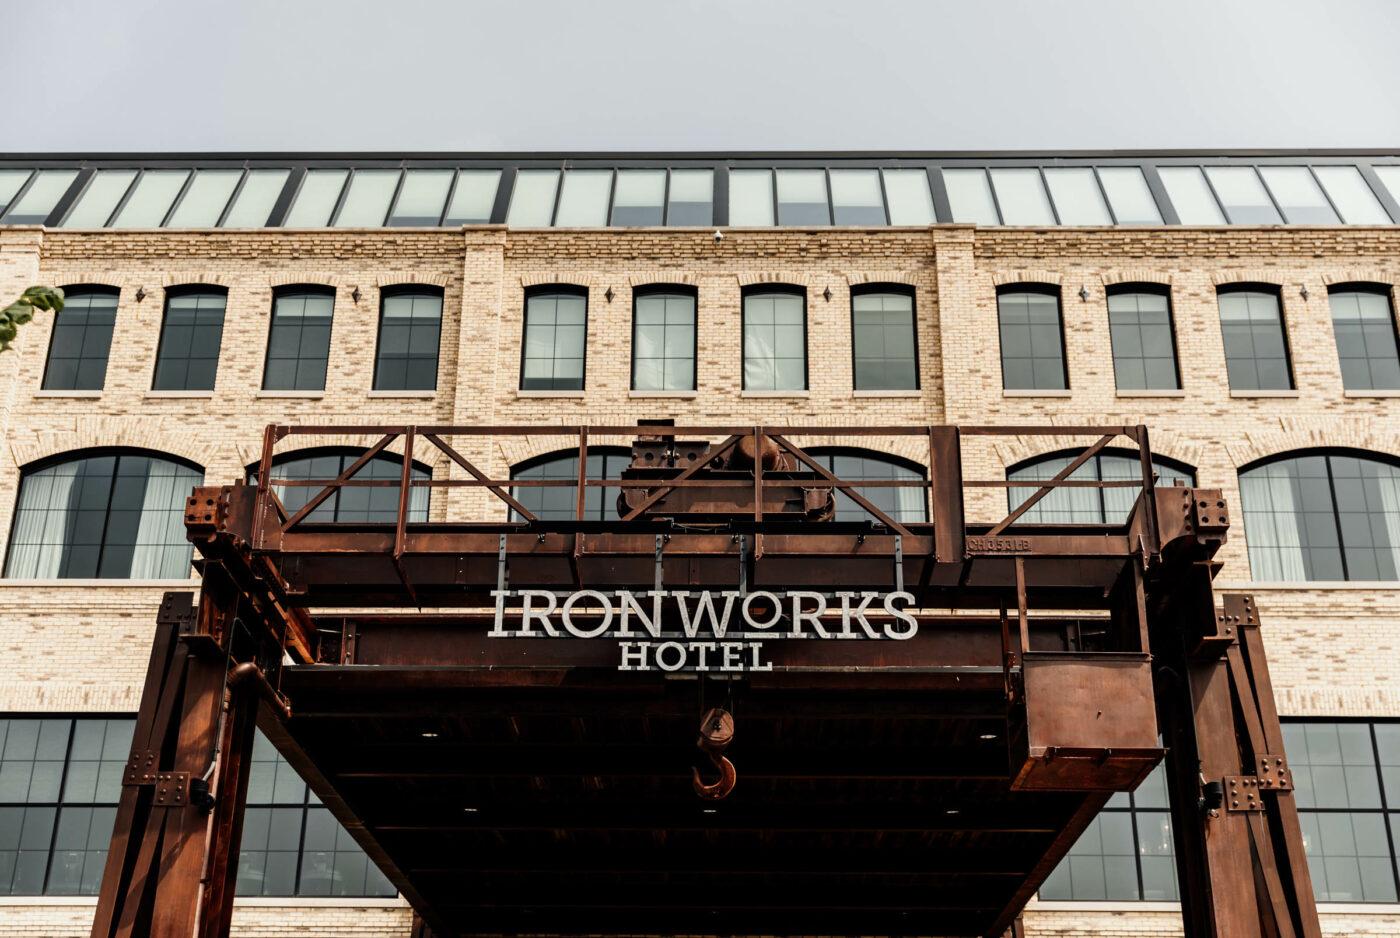 ironworks hotel Indianapolis main entrance